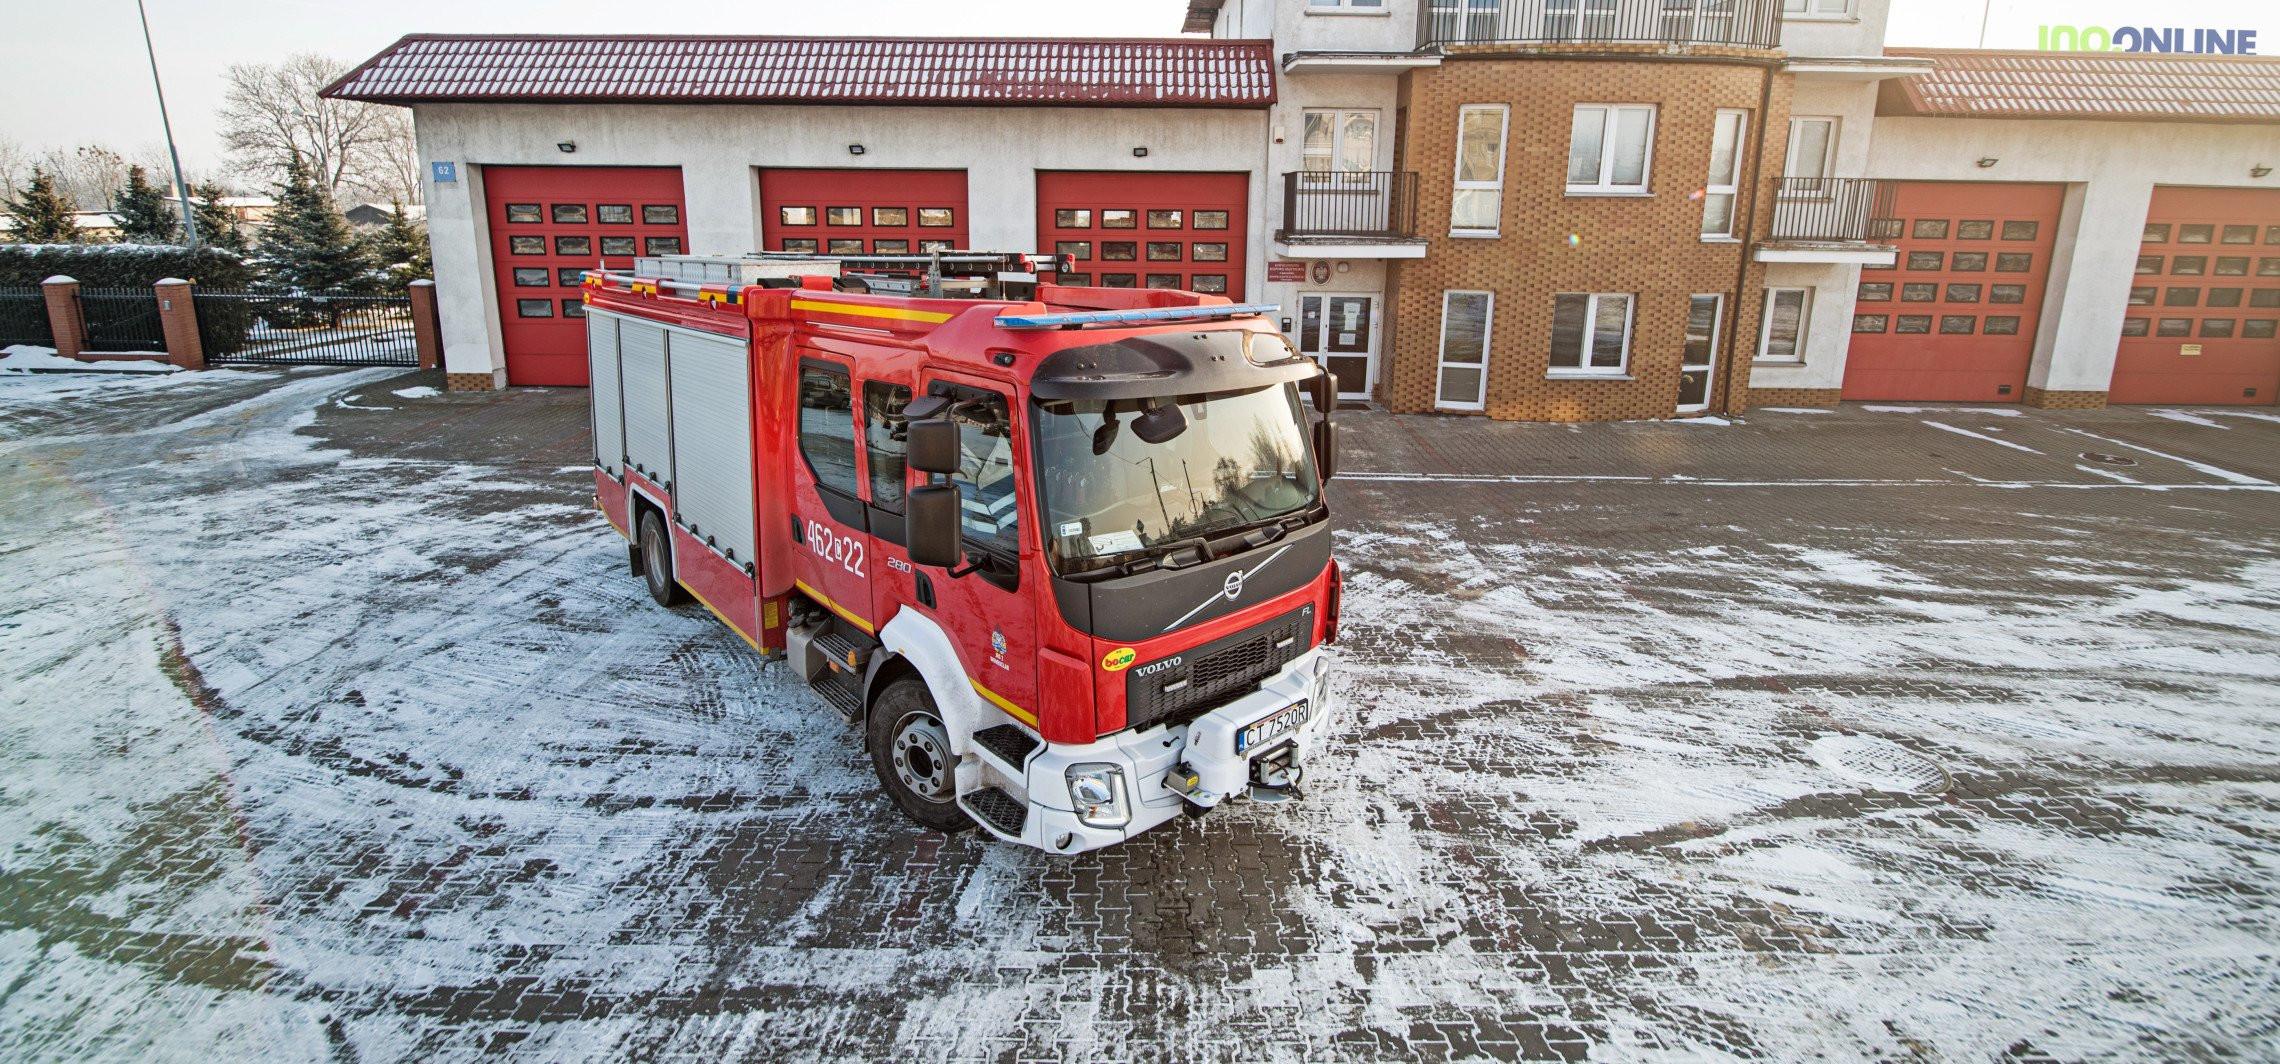 Prześwietlamy nowoczesny samochód strażacki